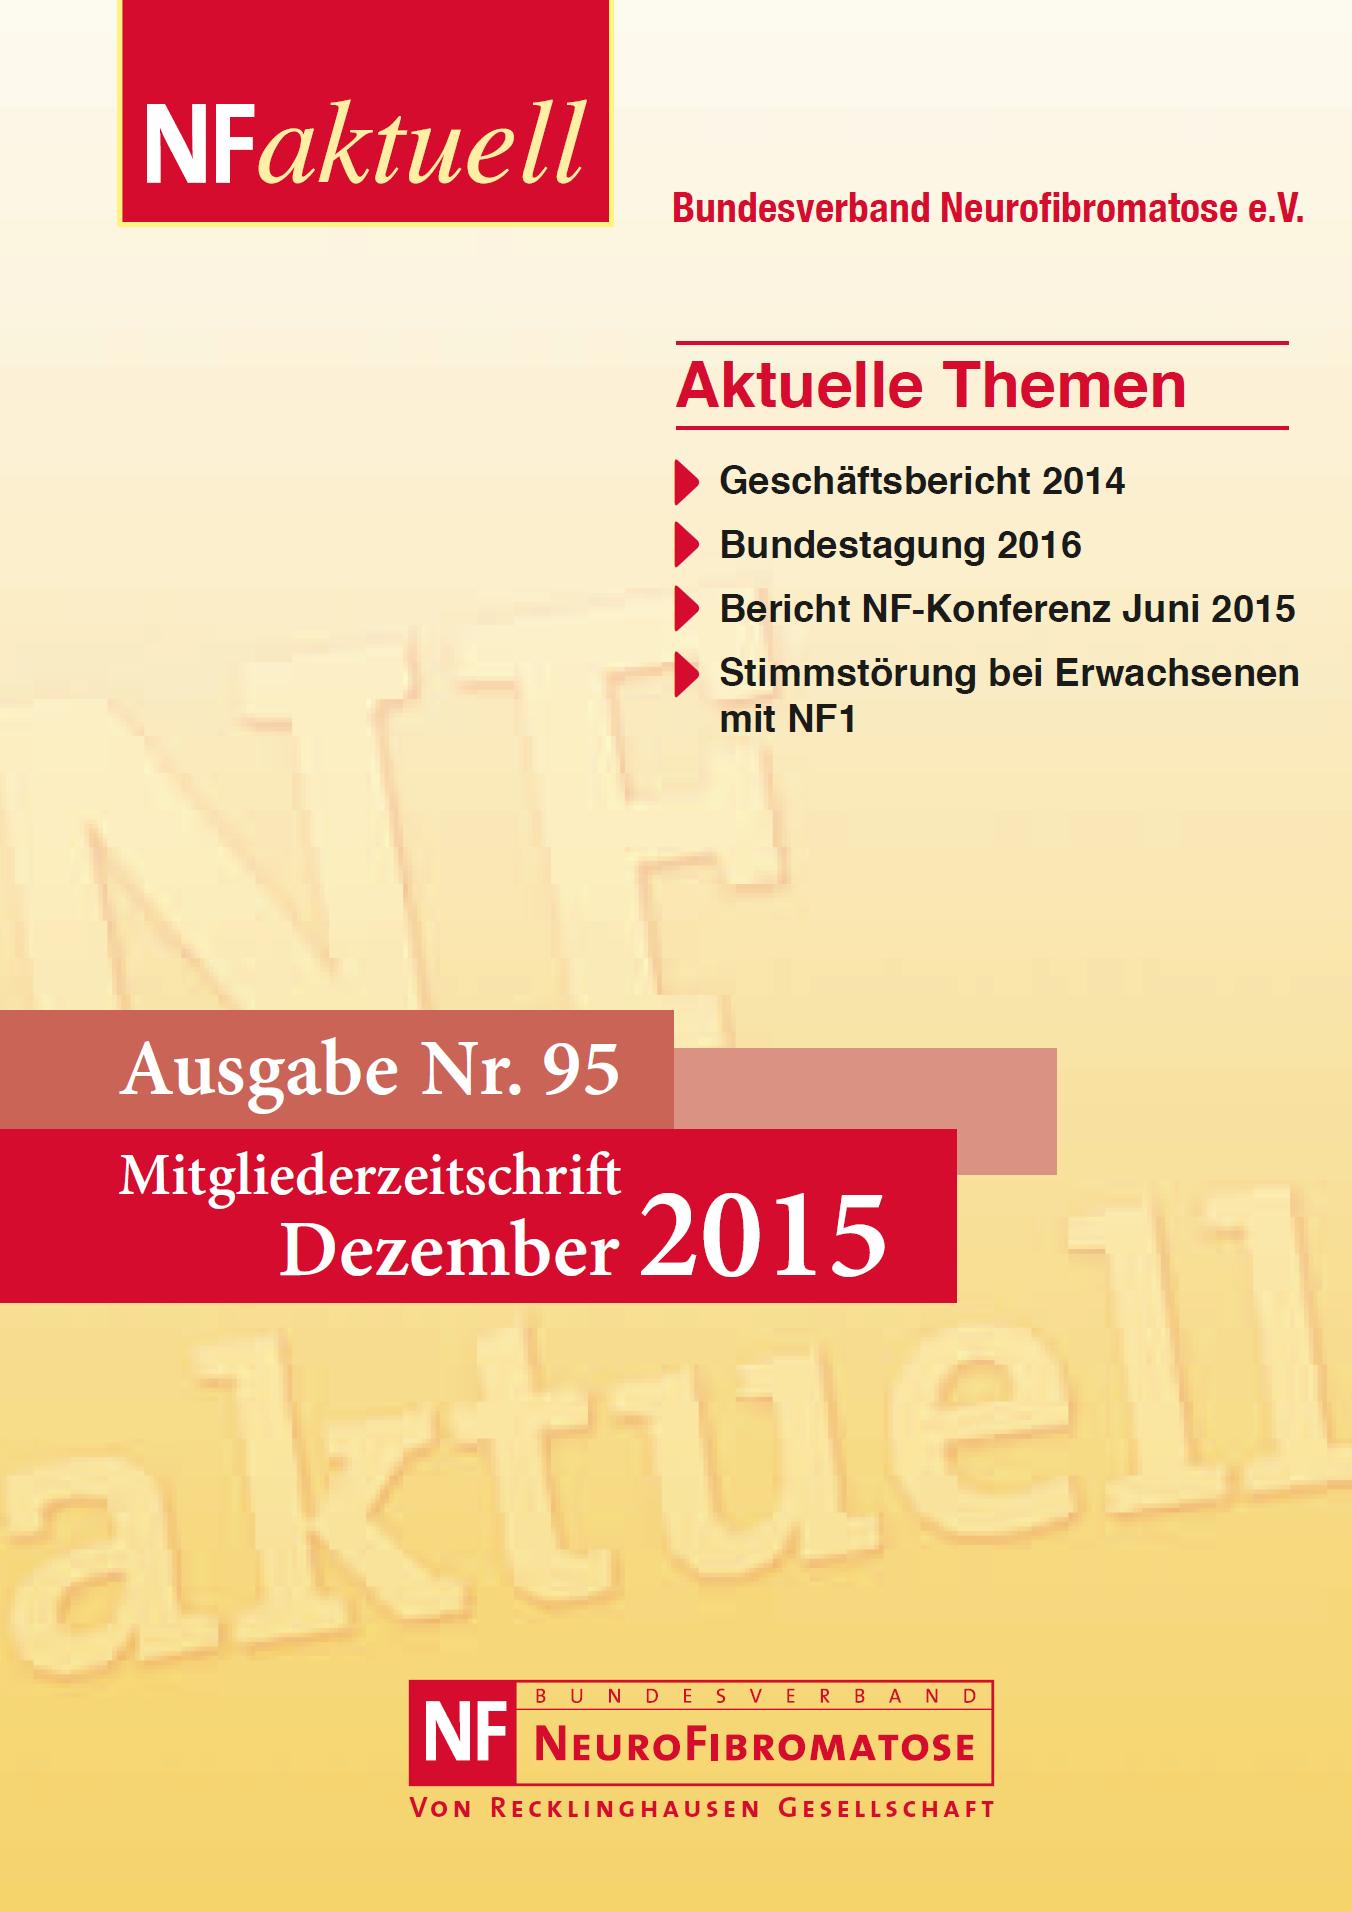 NFaktuell-95-dezember-2015-titel